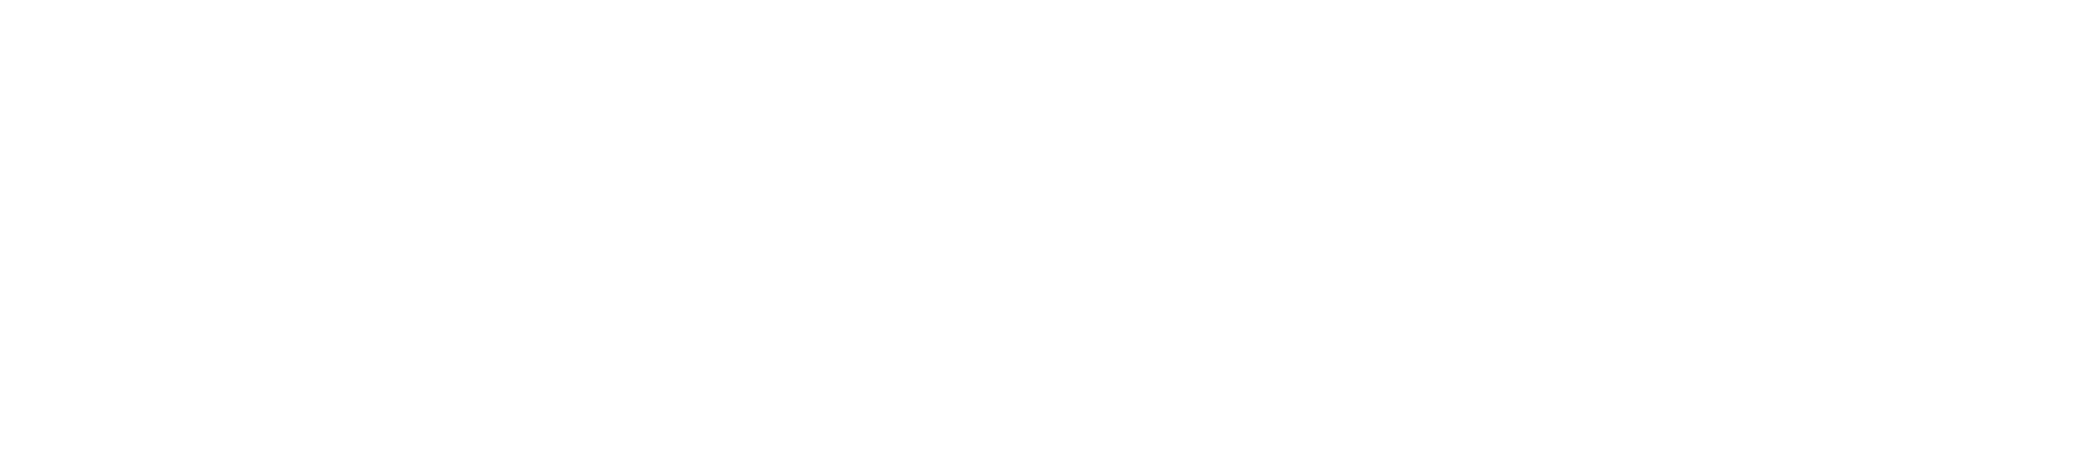 soccerwatch.tv